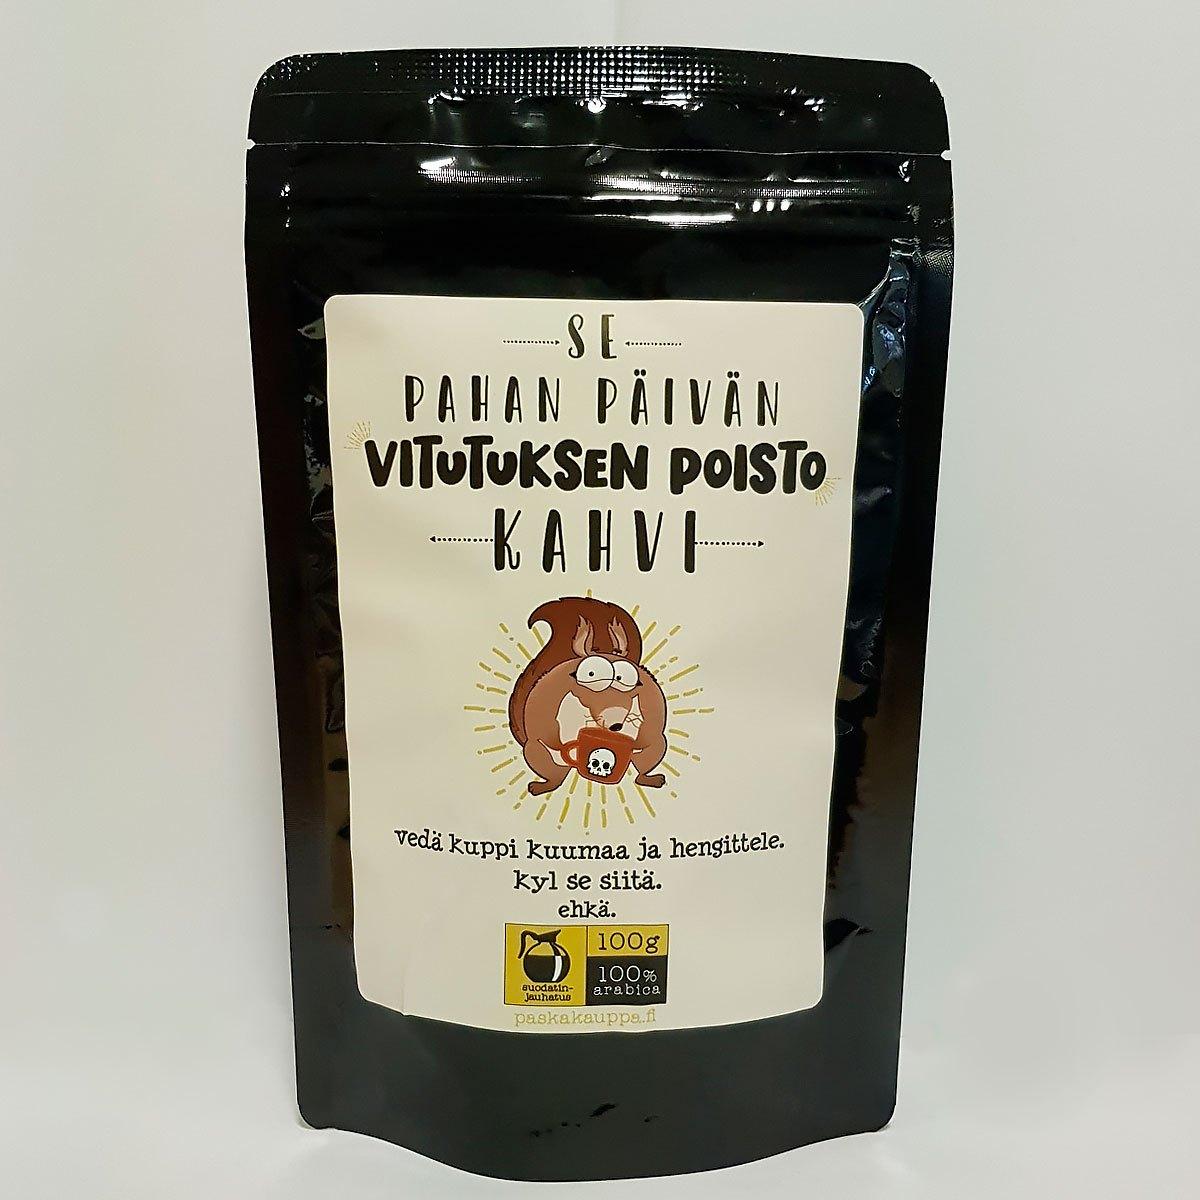 vitutuksen poisto kahvi paskakauppa